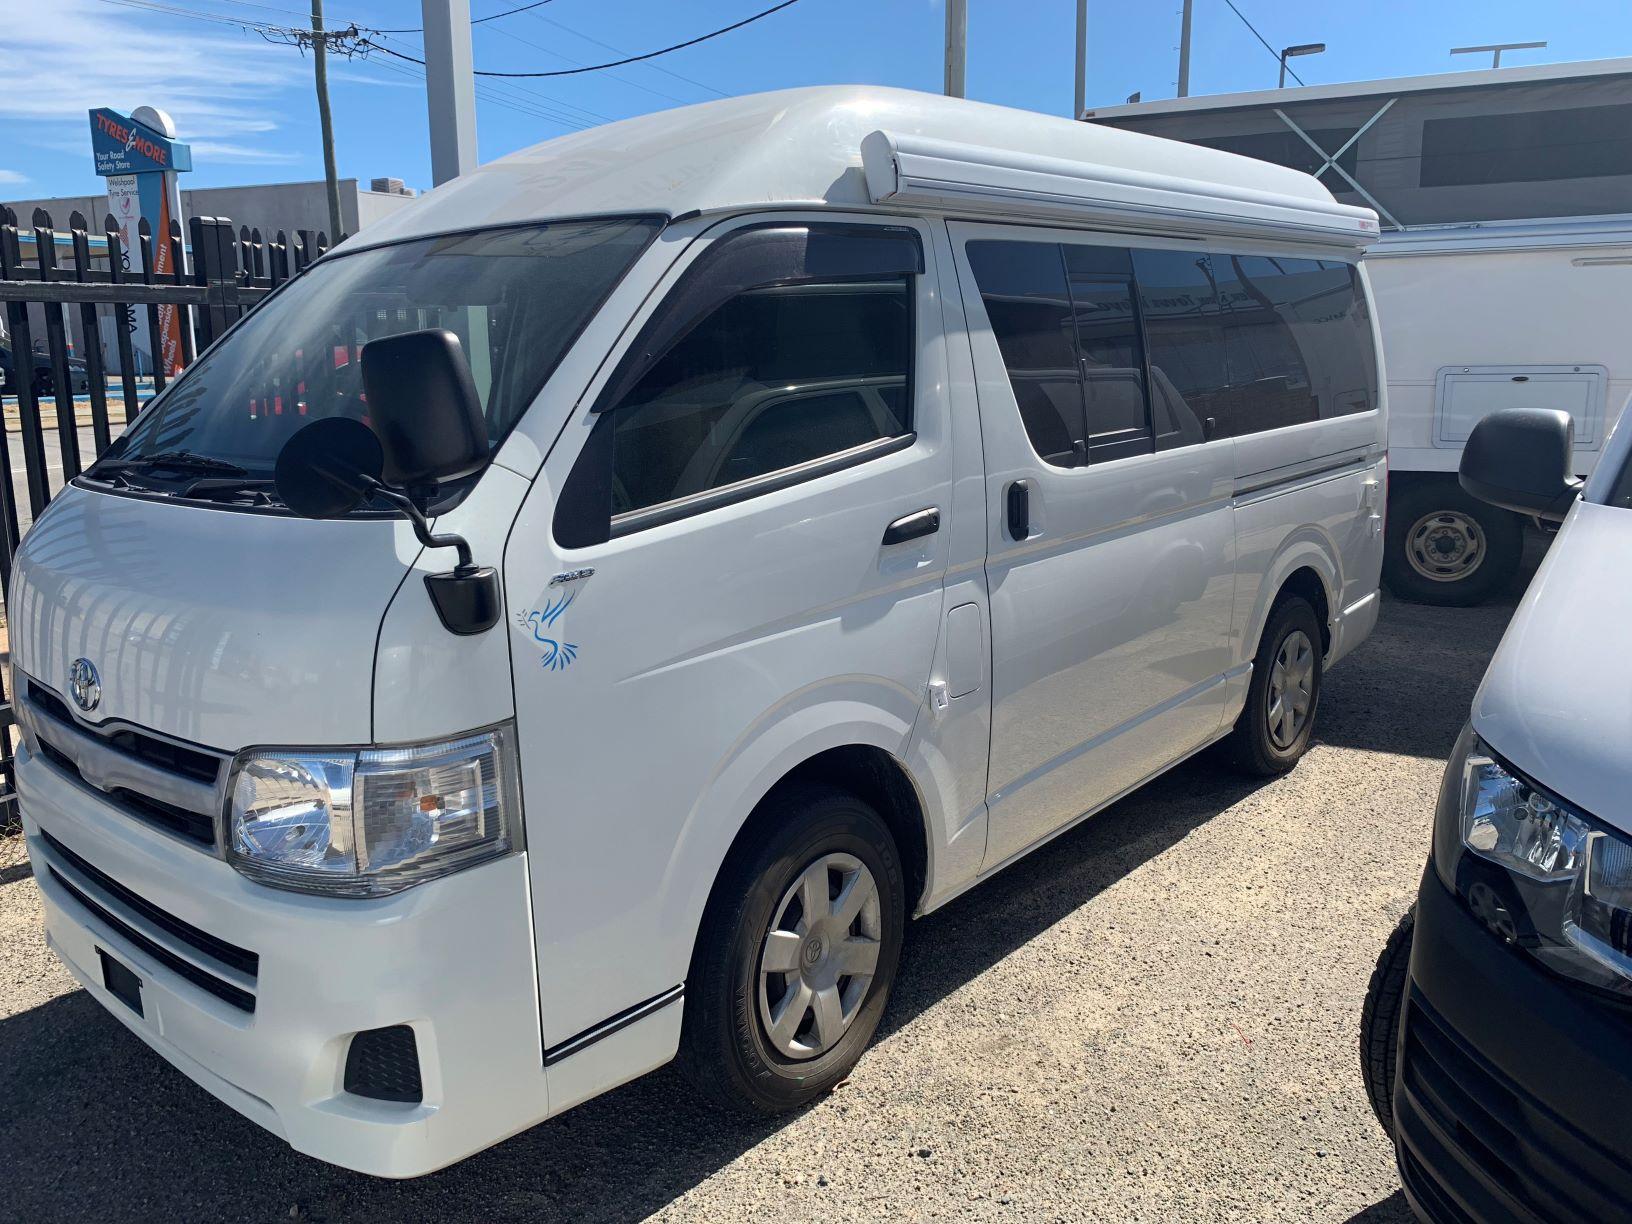 AWD Toyota Hiace Campervan - Dove Camper Conversions